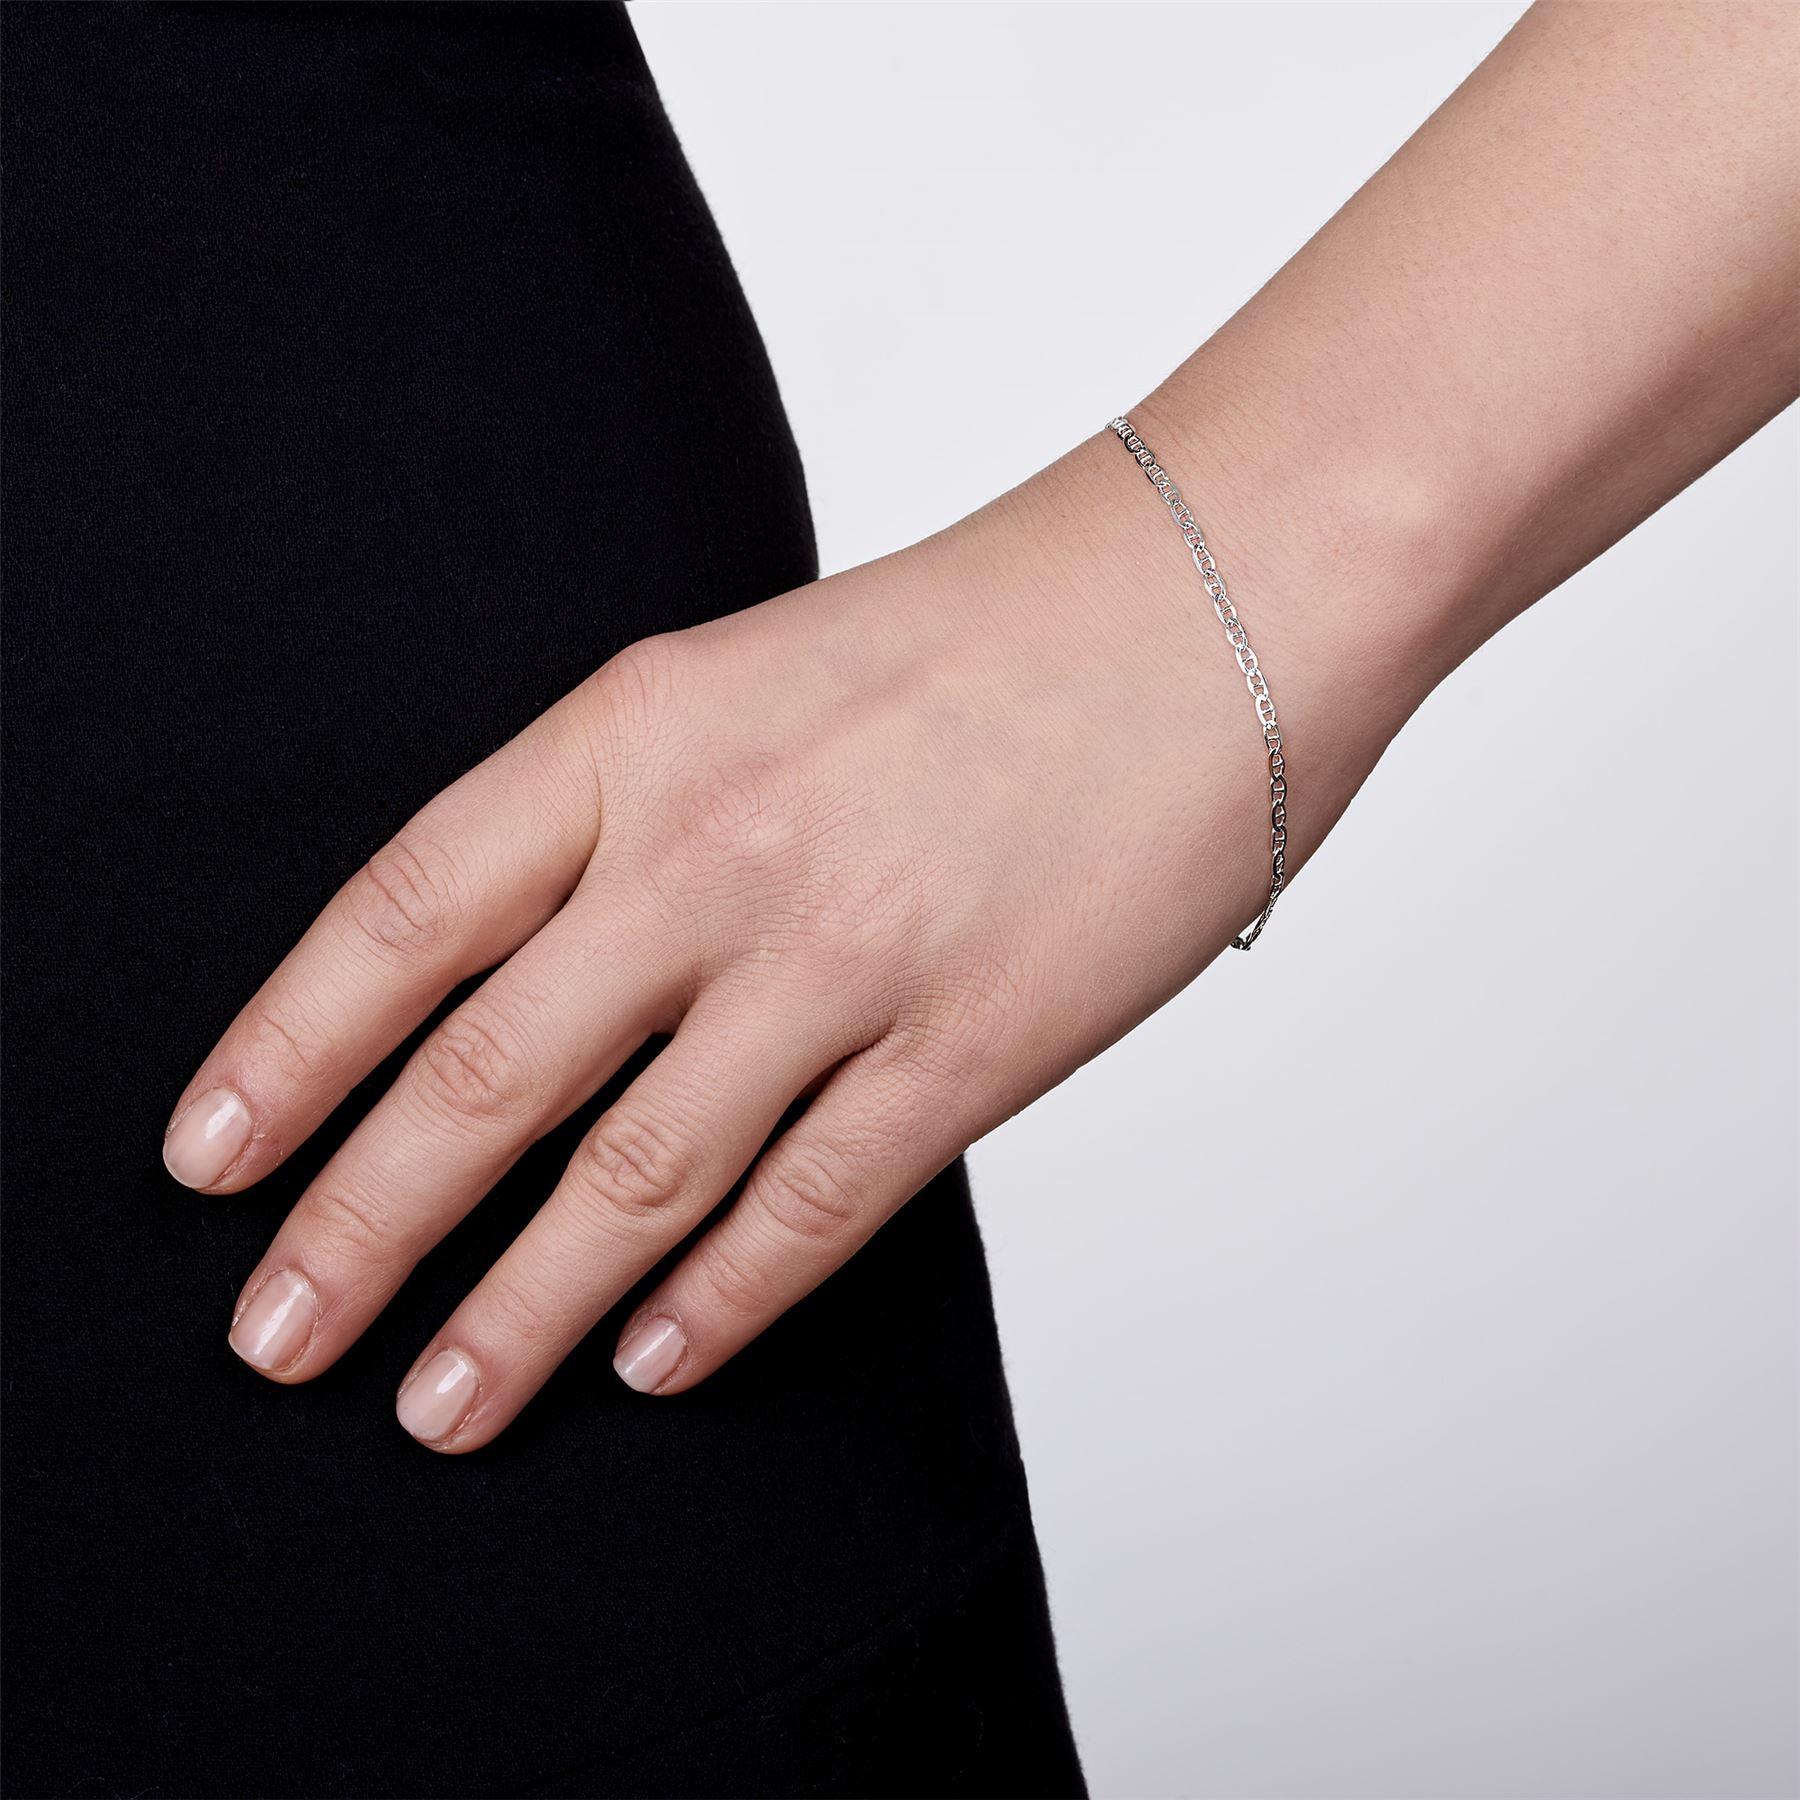 Amberta-Bijoux-Bracelet-en-Vrai-Argent-Sterling-925-Chaine-pour-Femme-a-la-Mode thumbnail 65